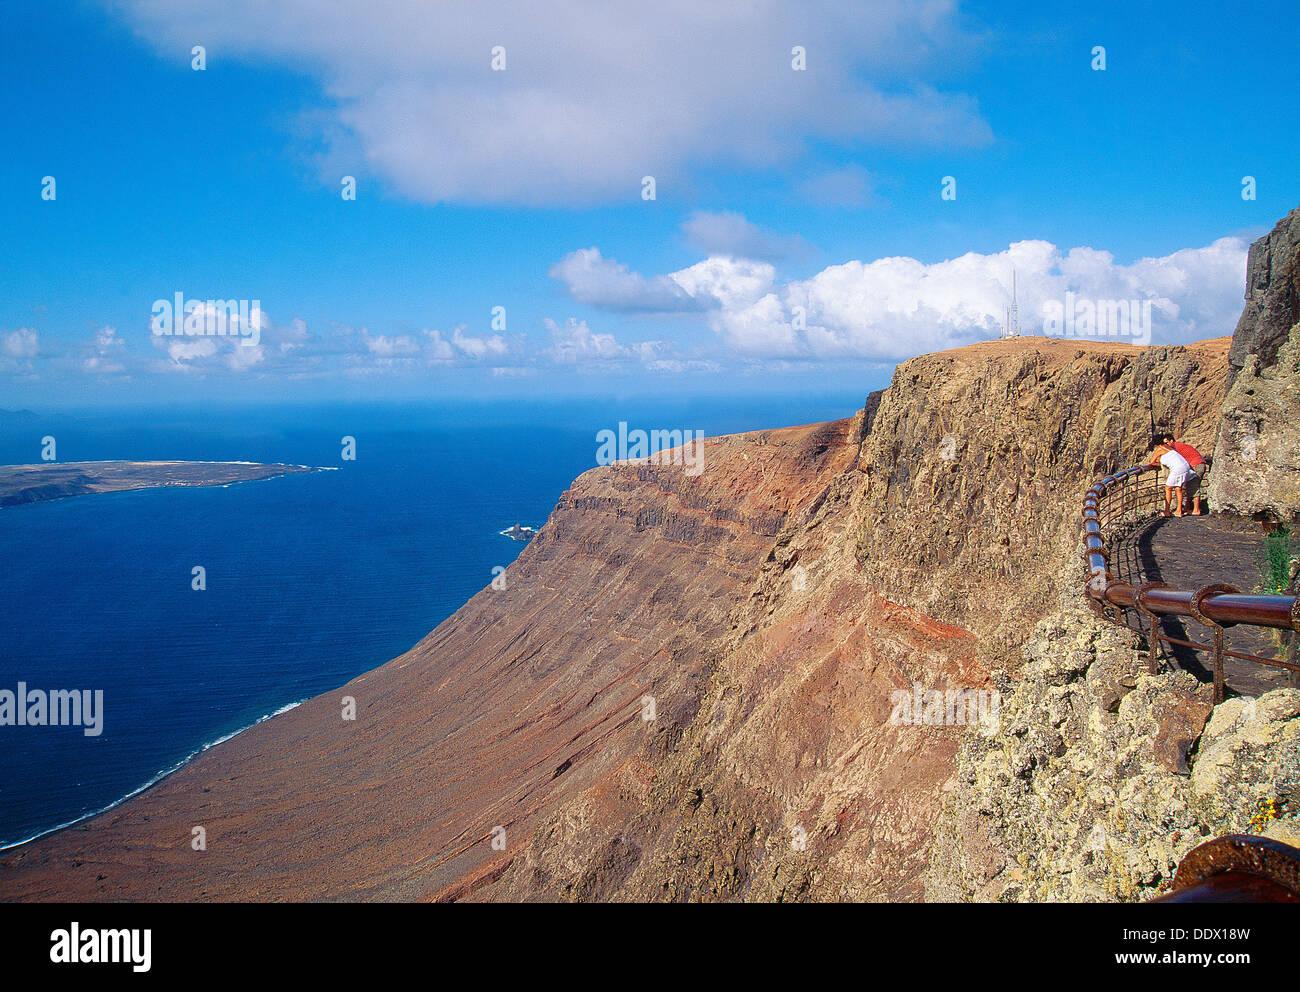 El Rio Sicht. Lanzarote, Insel, Kanaren, Spanien. Stockbild